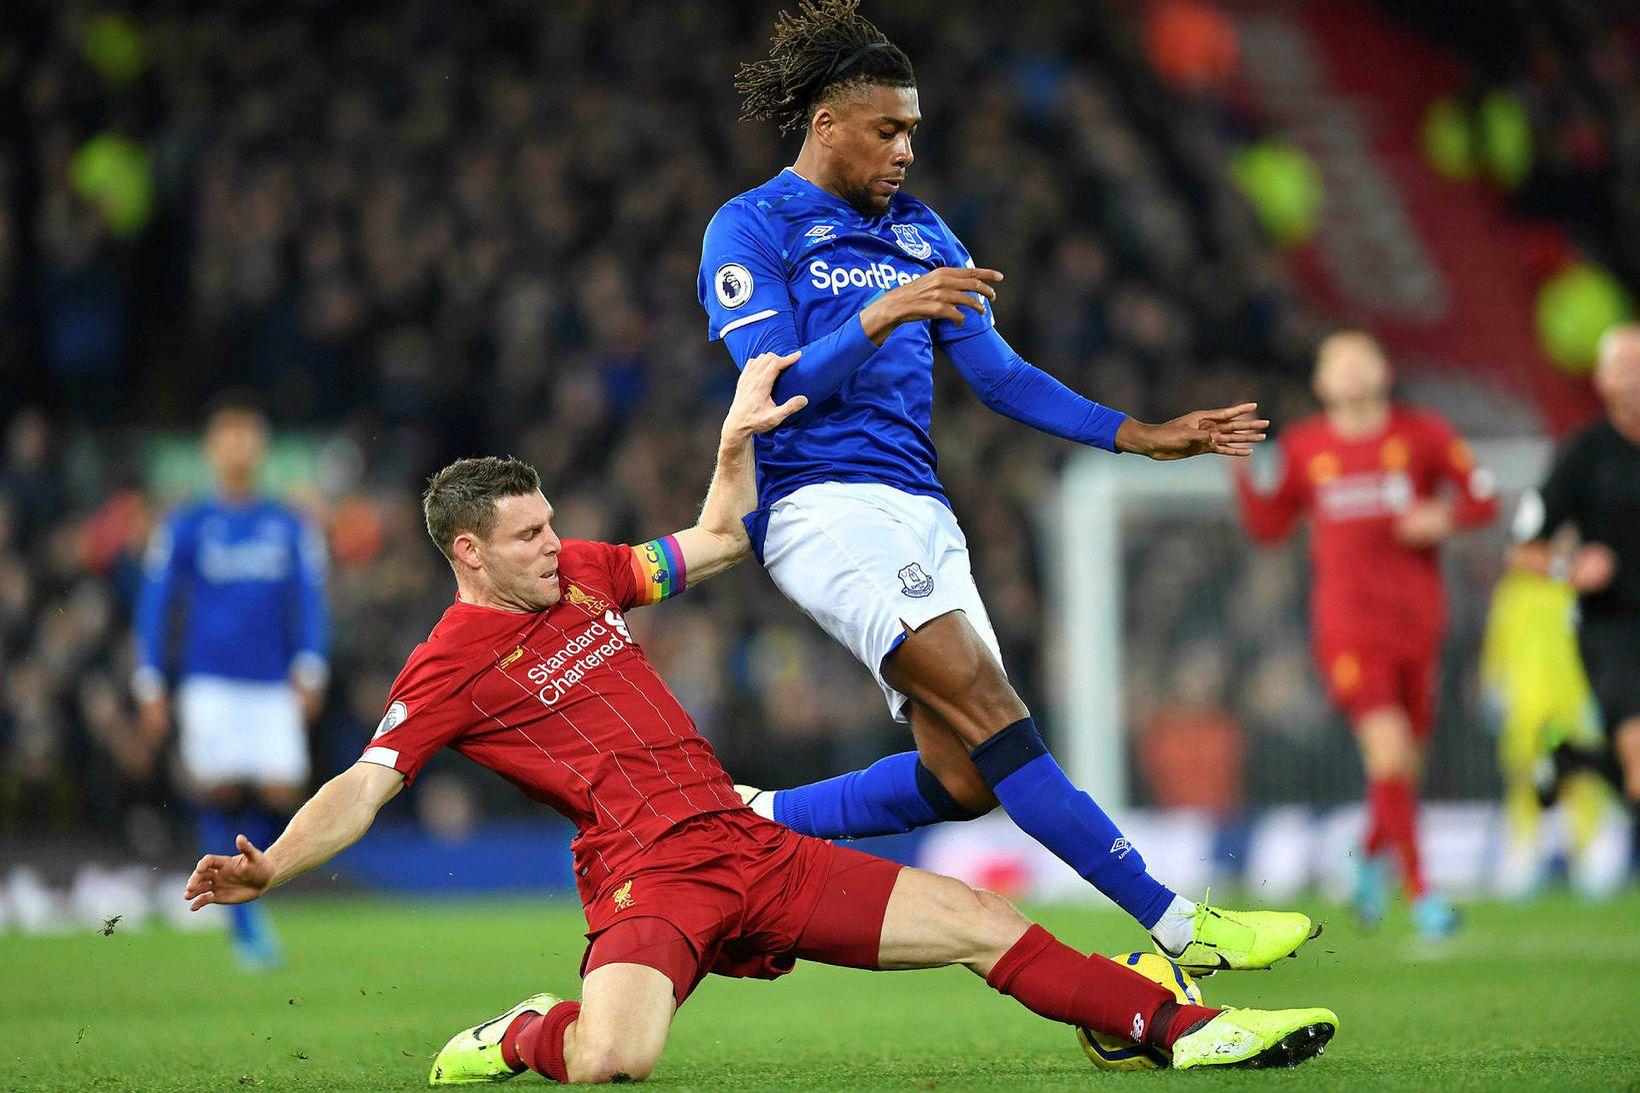 James Milner verður hjá Liverpool næstu árin.